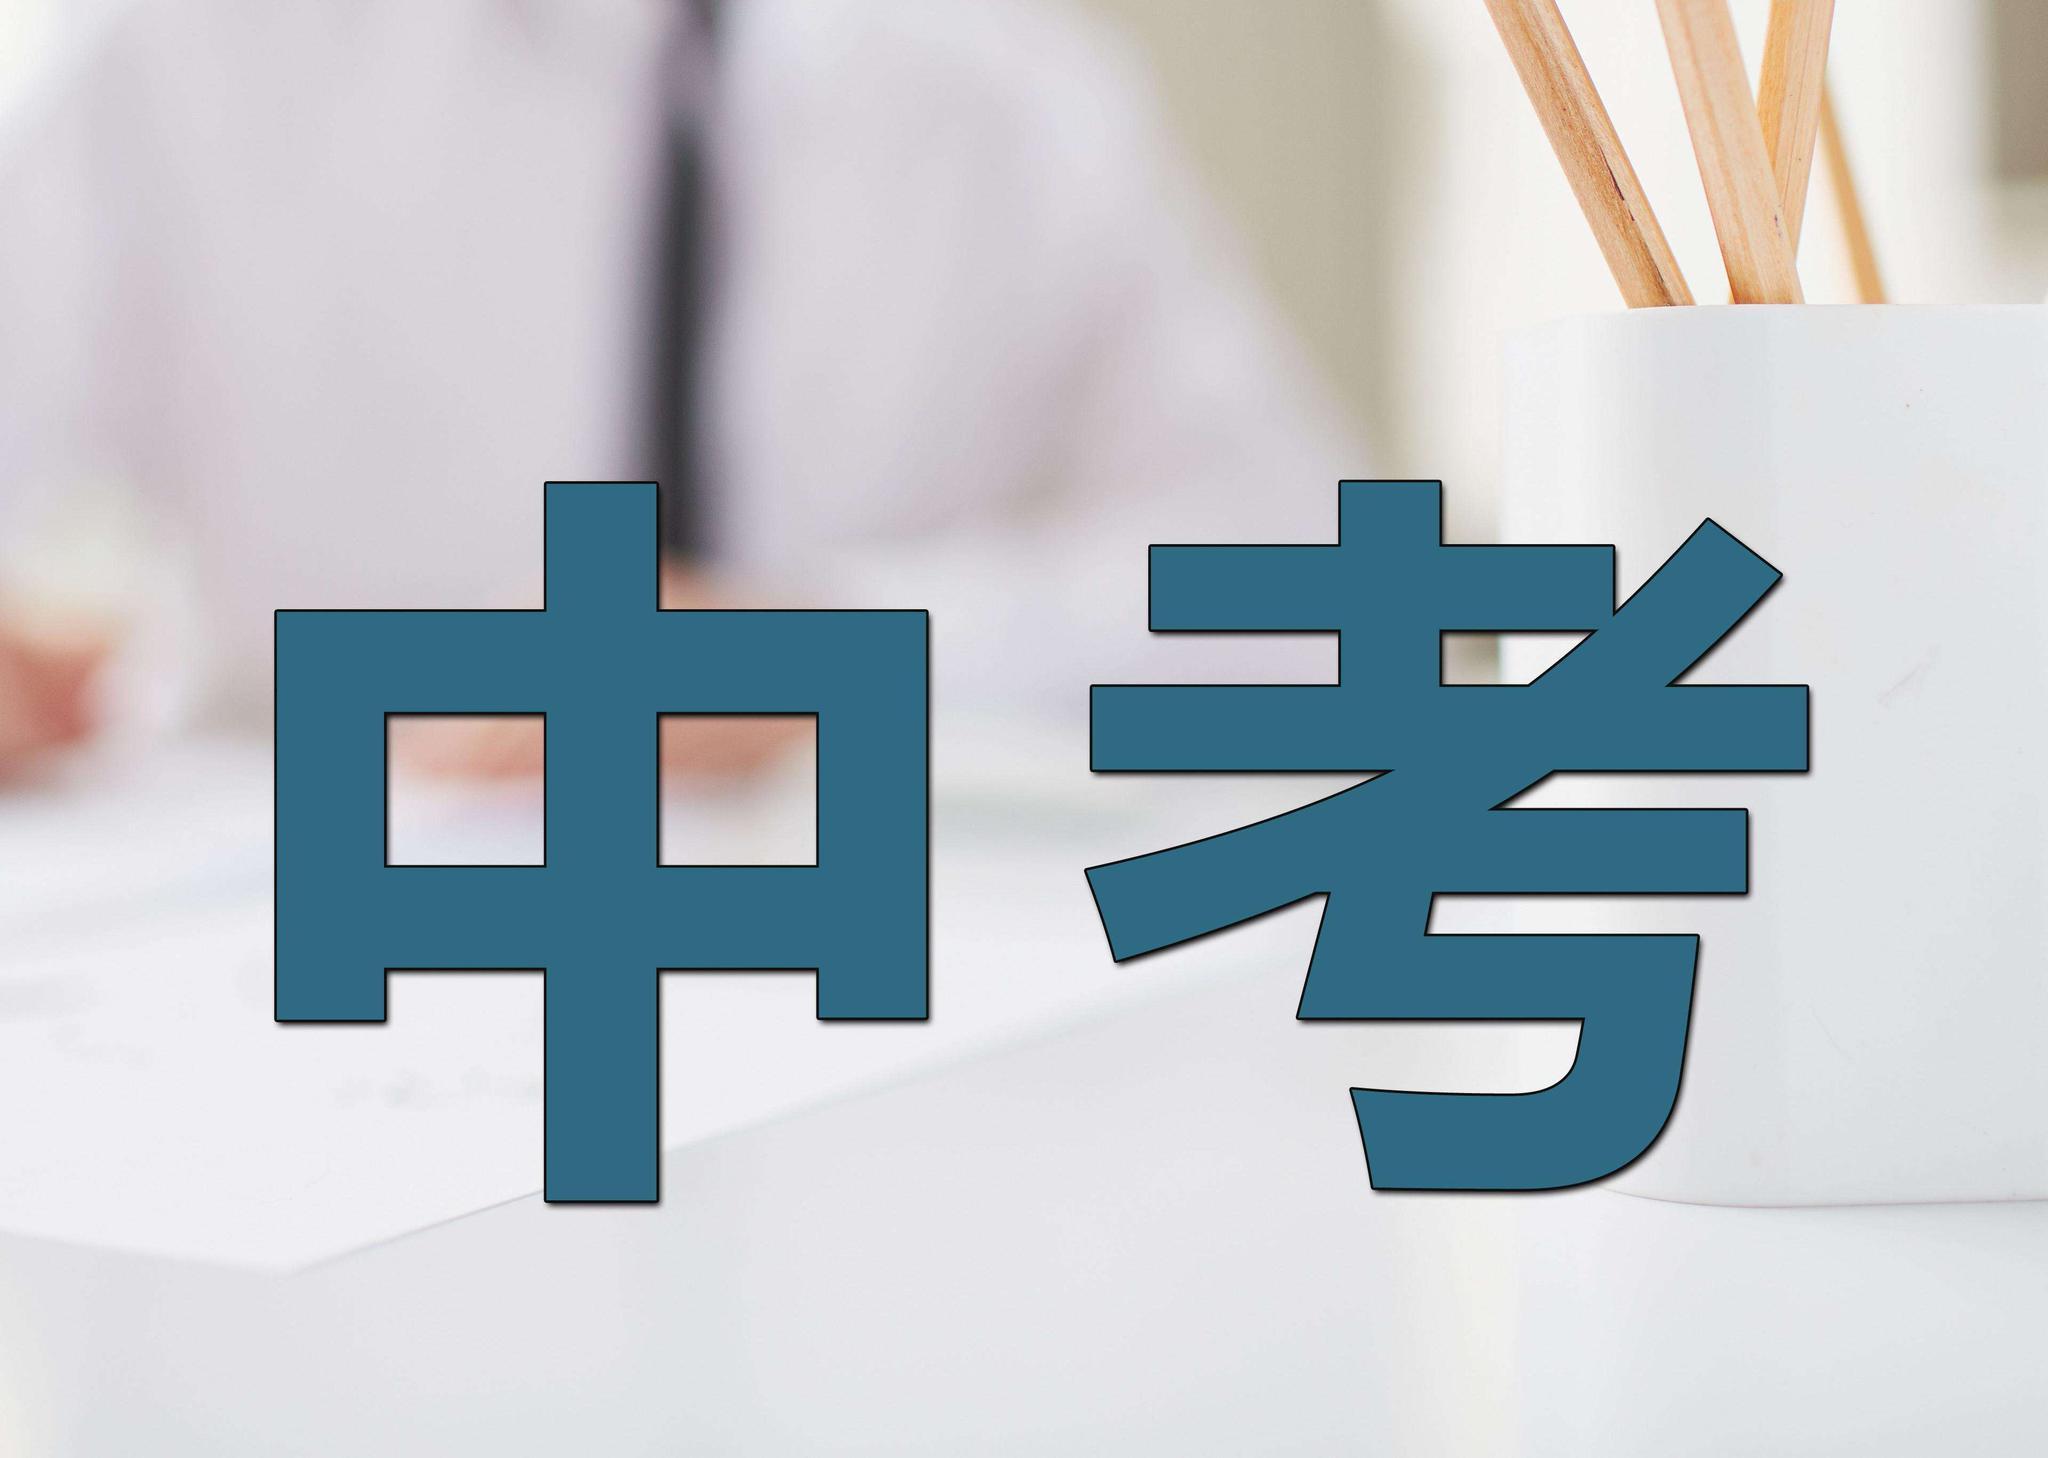 今年九江中考共58146人报名 较去年增加7837人